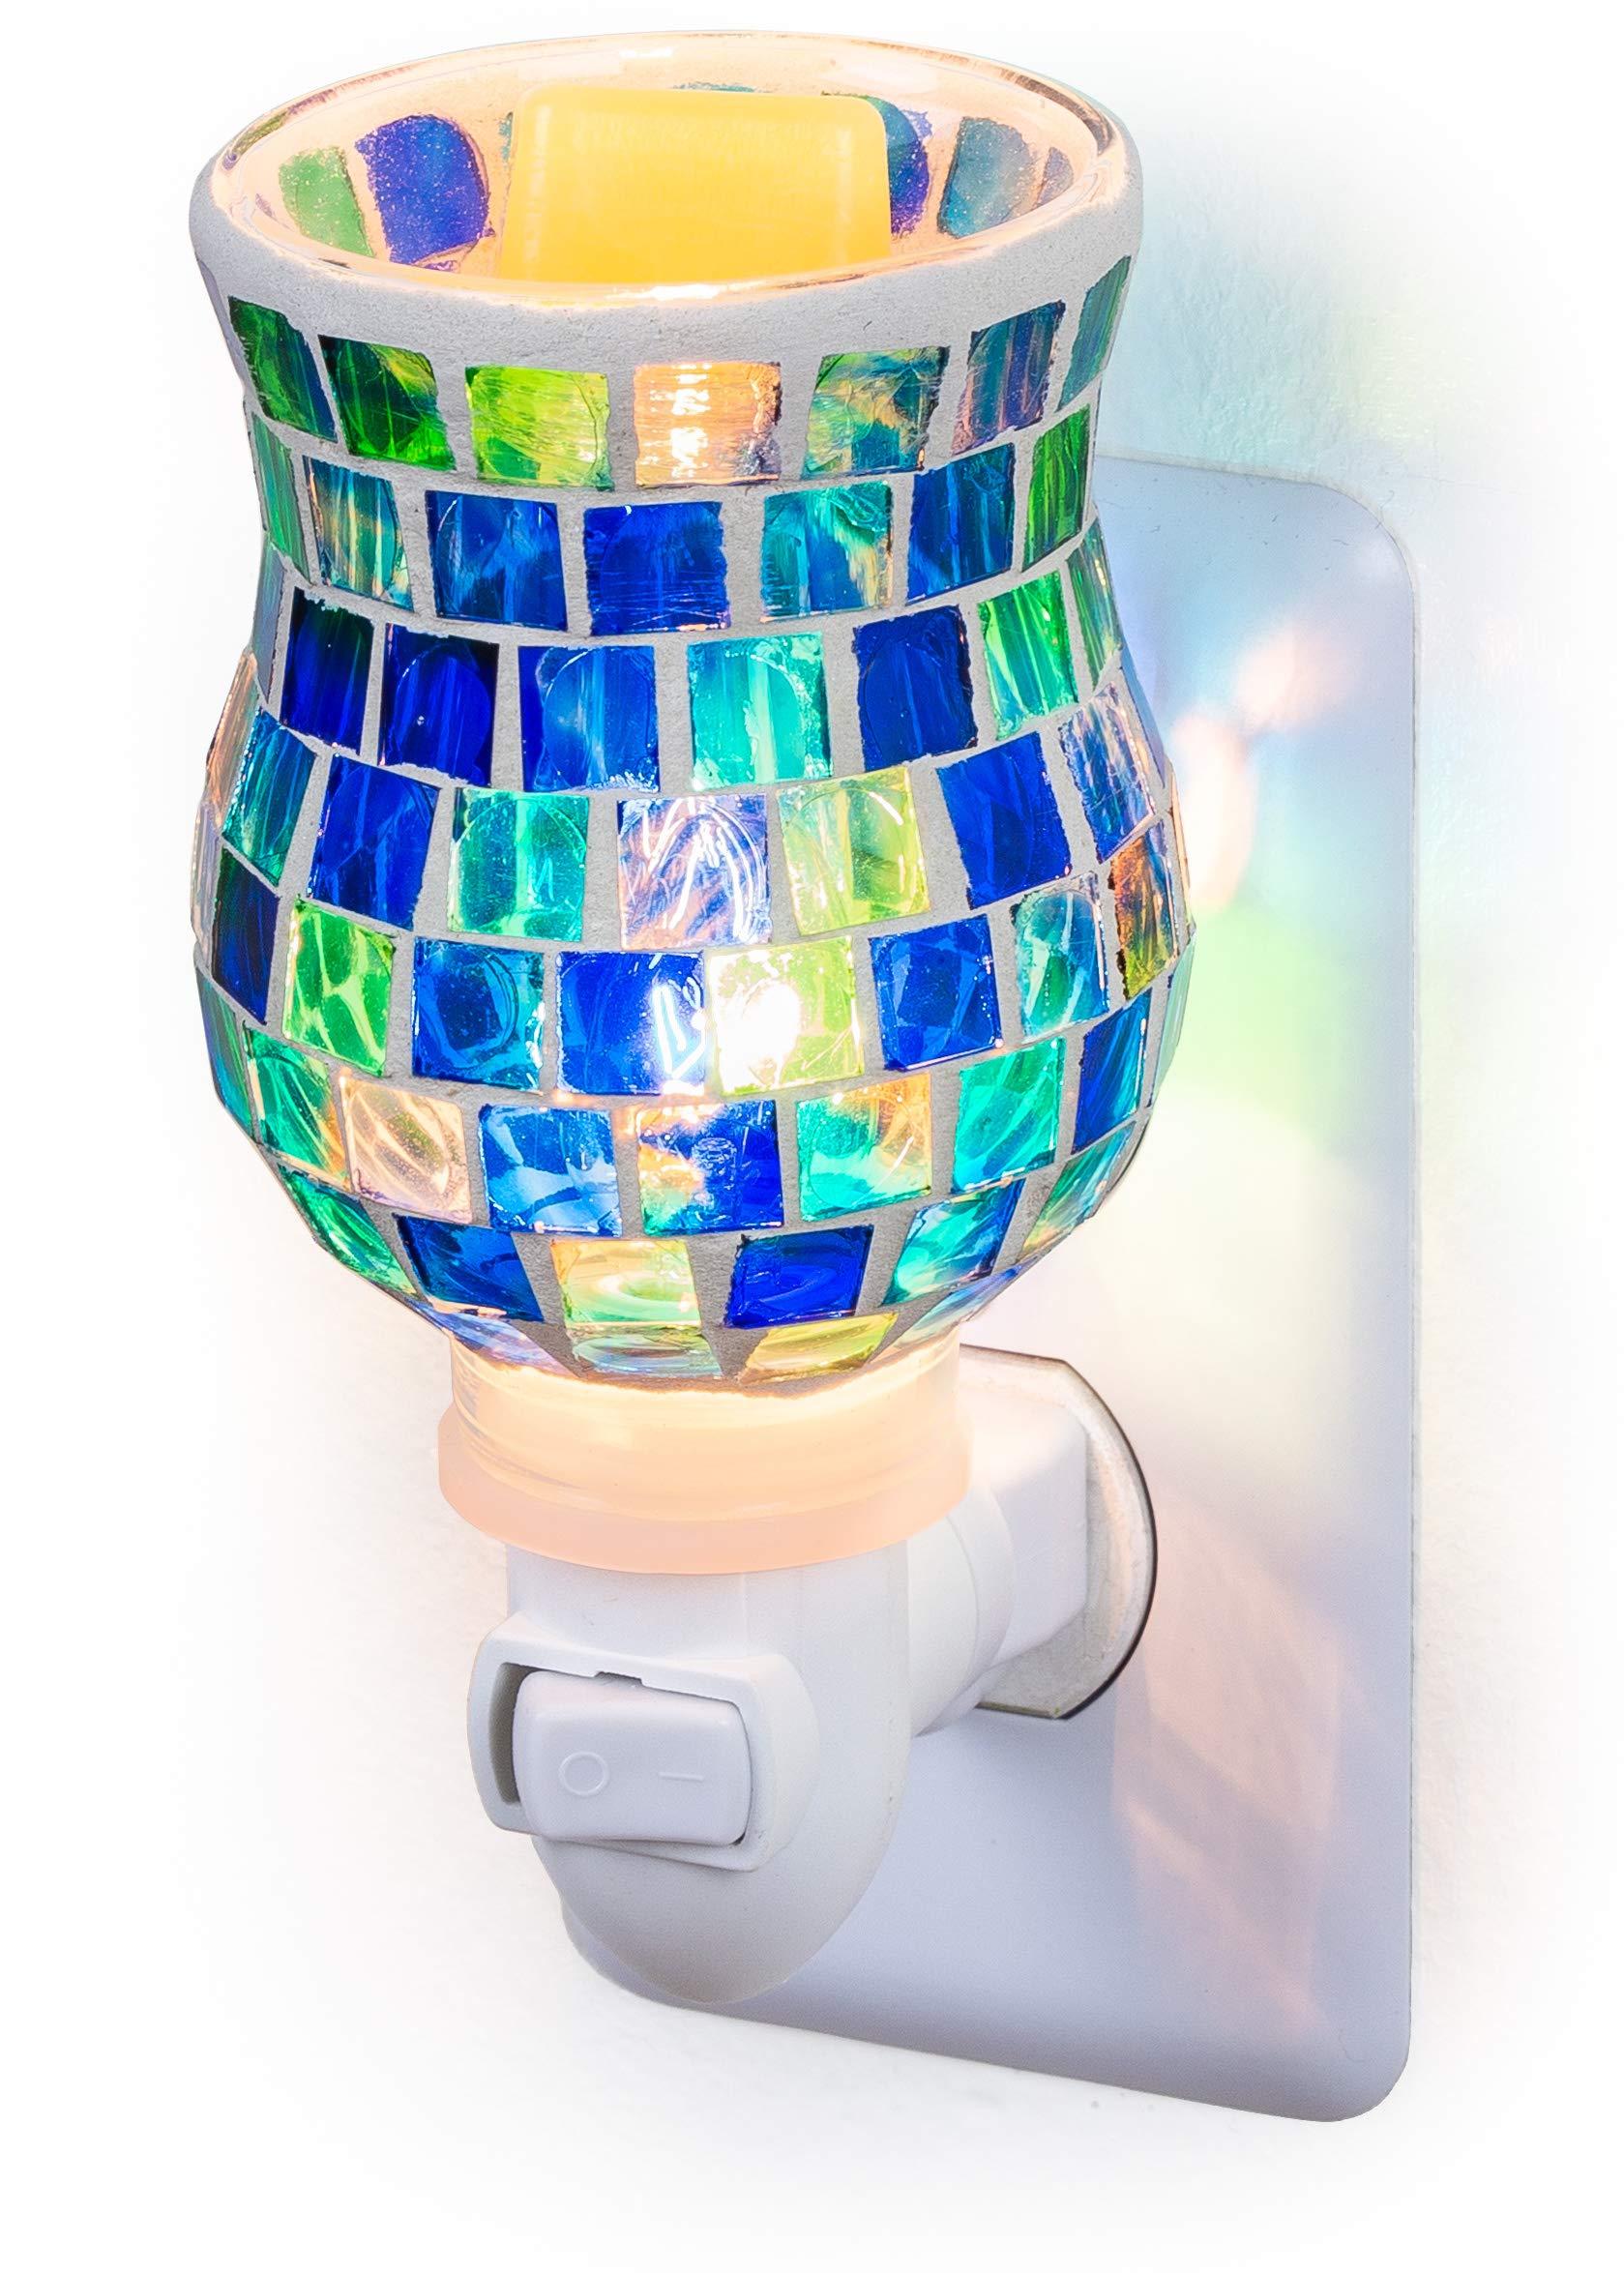 Dawhud Direct Mosaic Glass Plug-in Fragrance Wax Melt Warmers (Ocean Blue) by Dawhud Direct